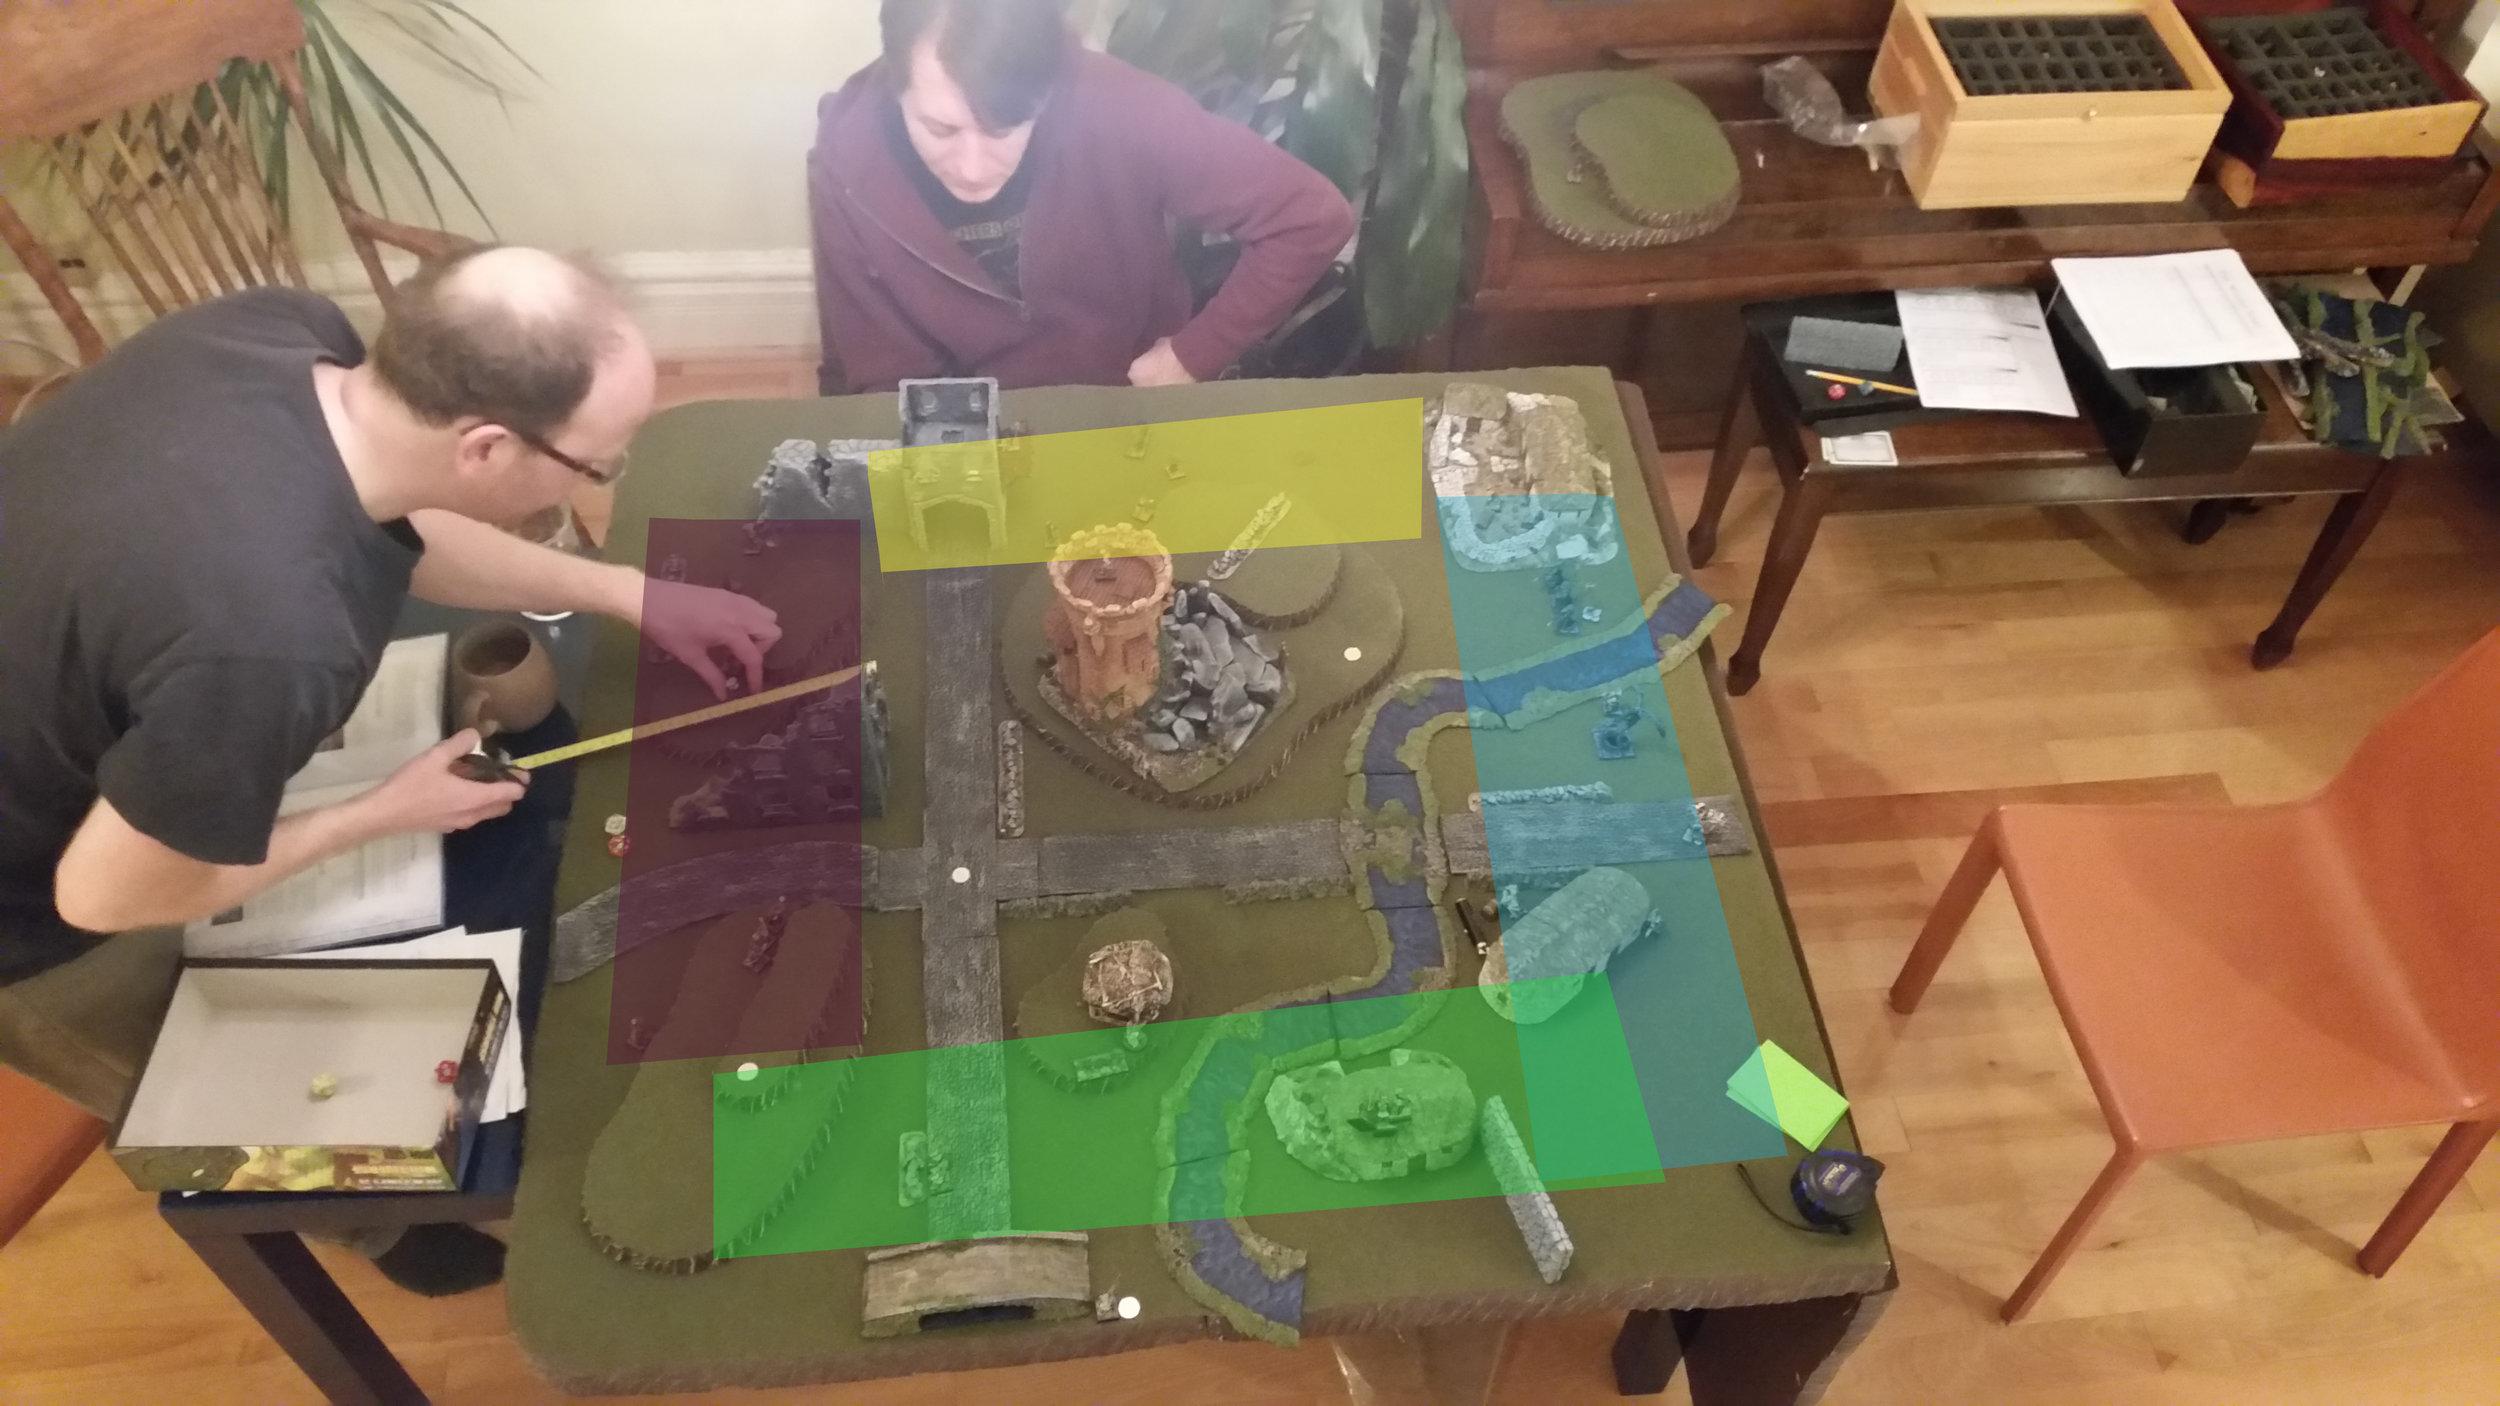 Deployment Zones: Purple - Liche Master, Yellow - Illusionist, Blue - Elementalist, Green - Witch